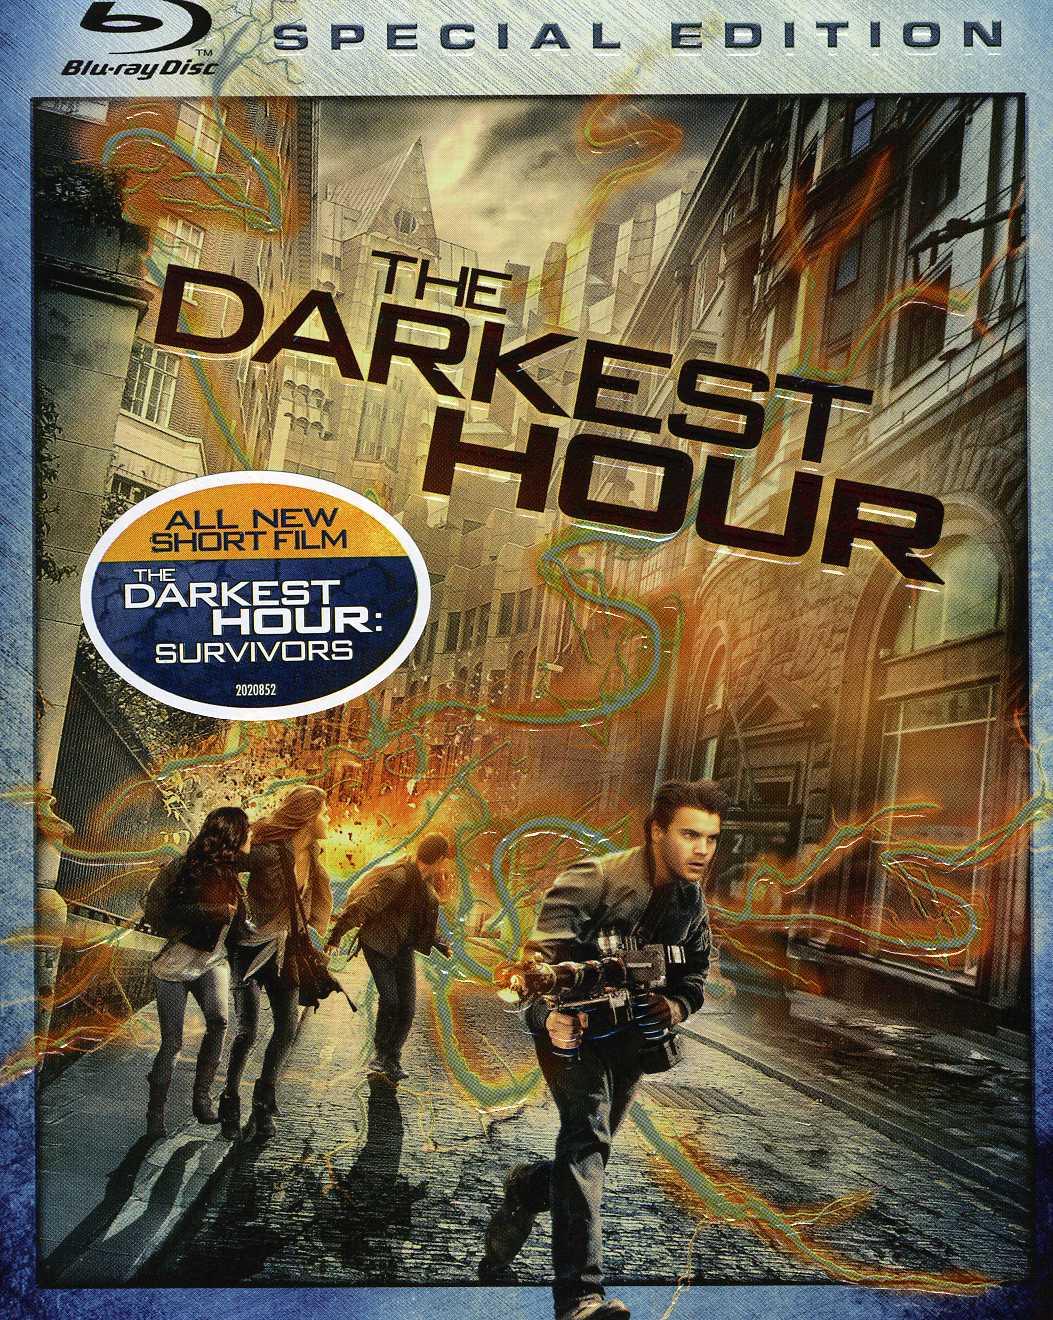 The Darkest Hour (Blu-ray Disc)